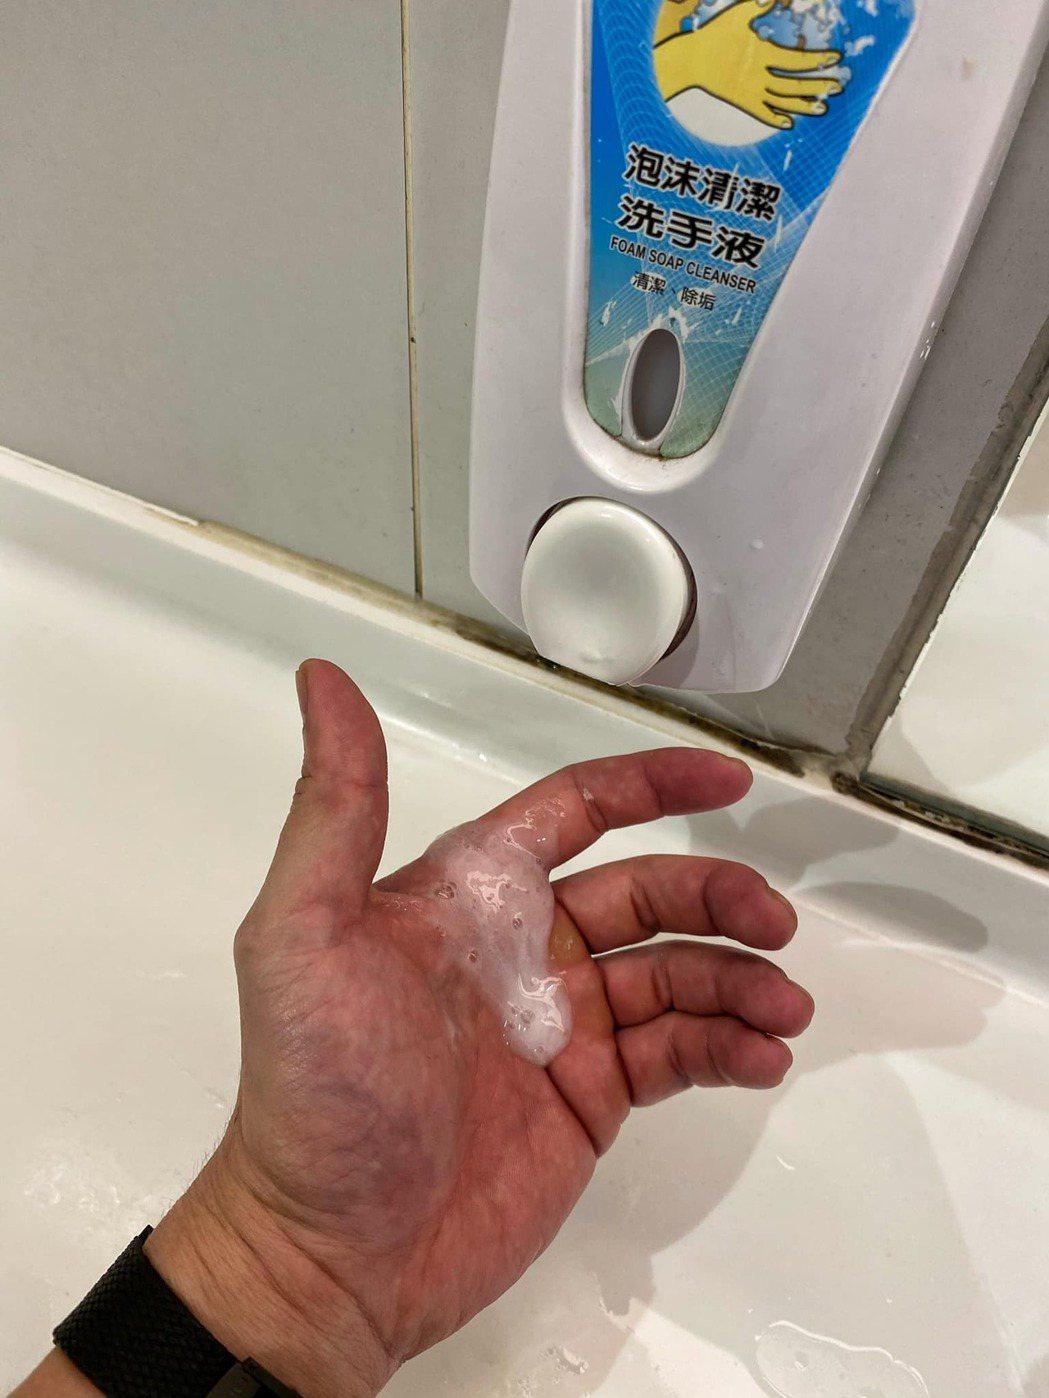 李沛旭這張洗手照,被IG、臉書警告刪除。 圖/擷自李沛旭臉書